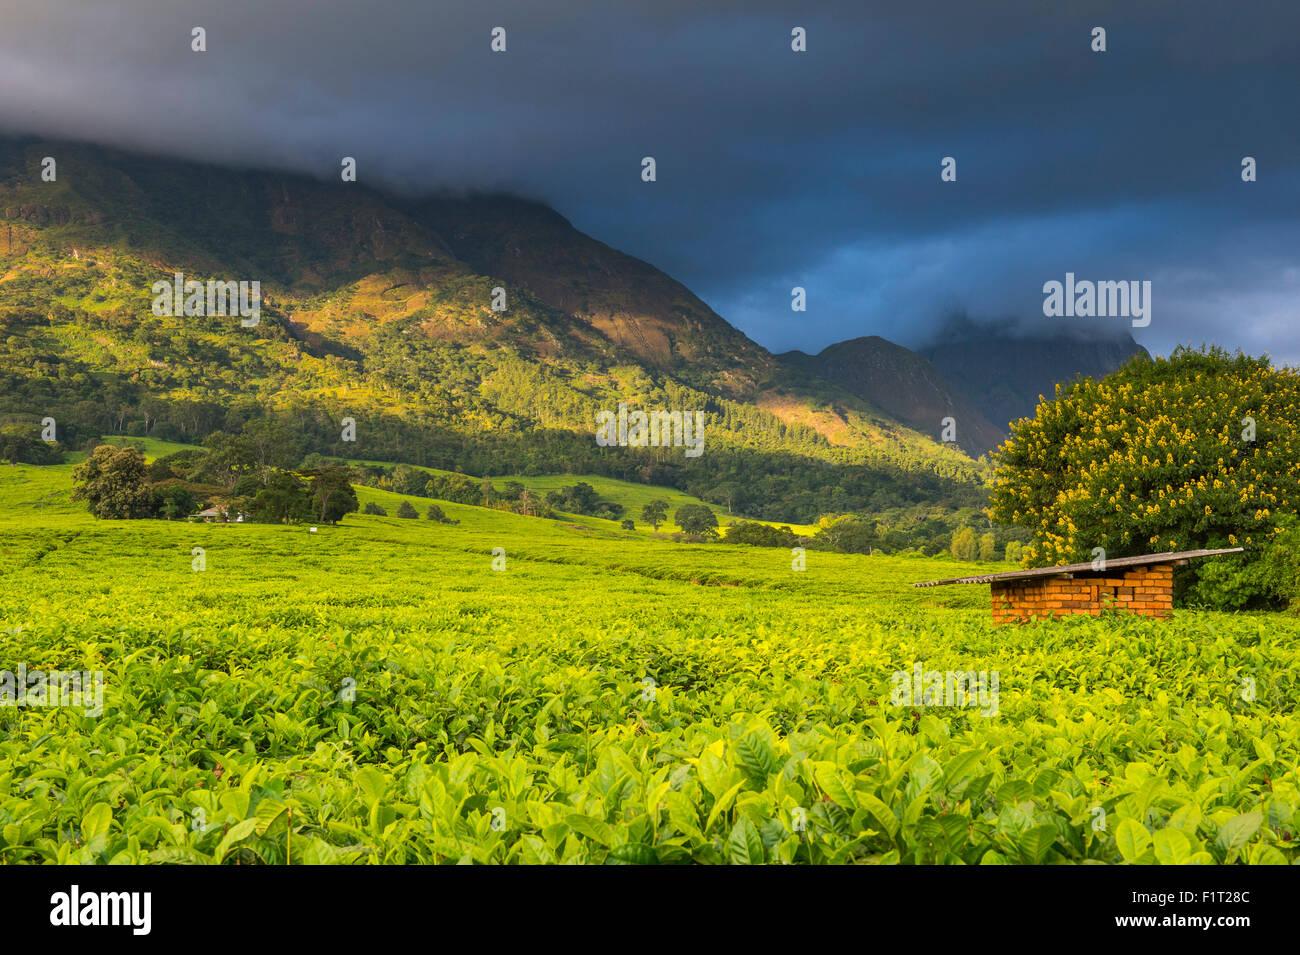 Teeplantage auf Mount Mulanje, Malawi, Afrika Stockbild